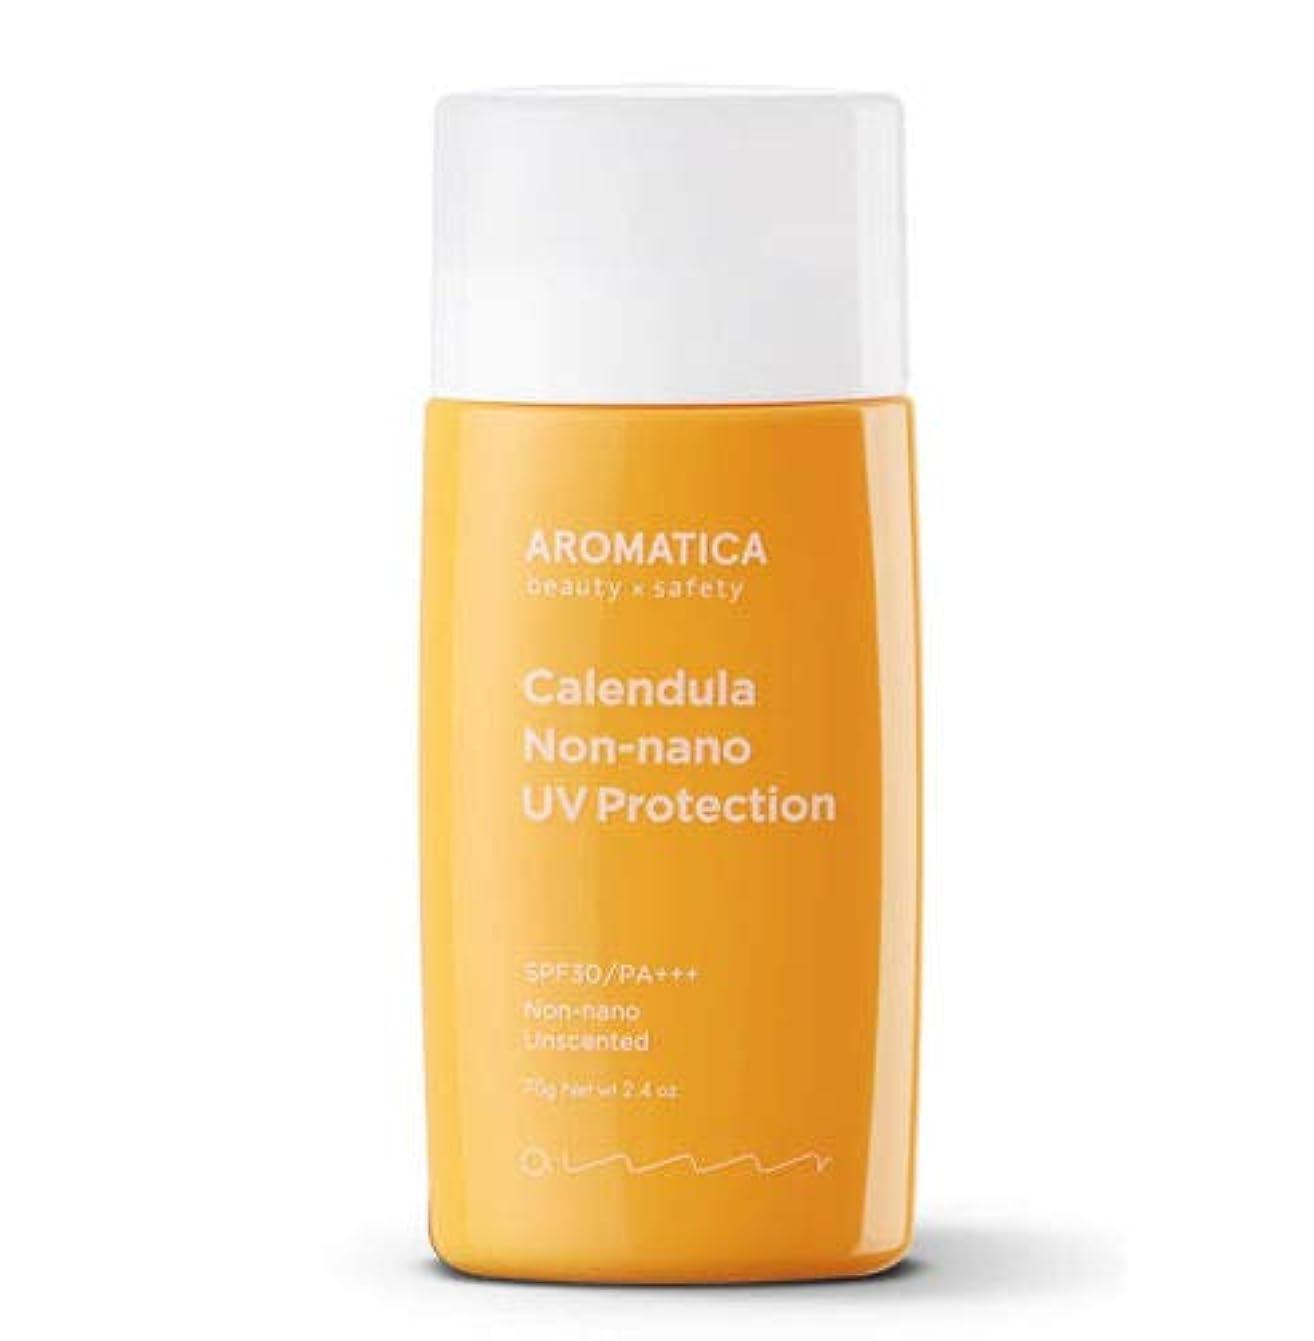 報酬のアンケート乱暴なAROMATICA アロマティカ Calendula NON-NANO UV Protection Unscented サンクリーム 70g SPF30/PA+++ 米国 日焼け止め